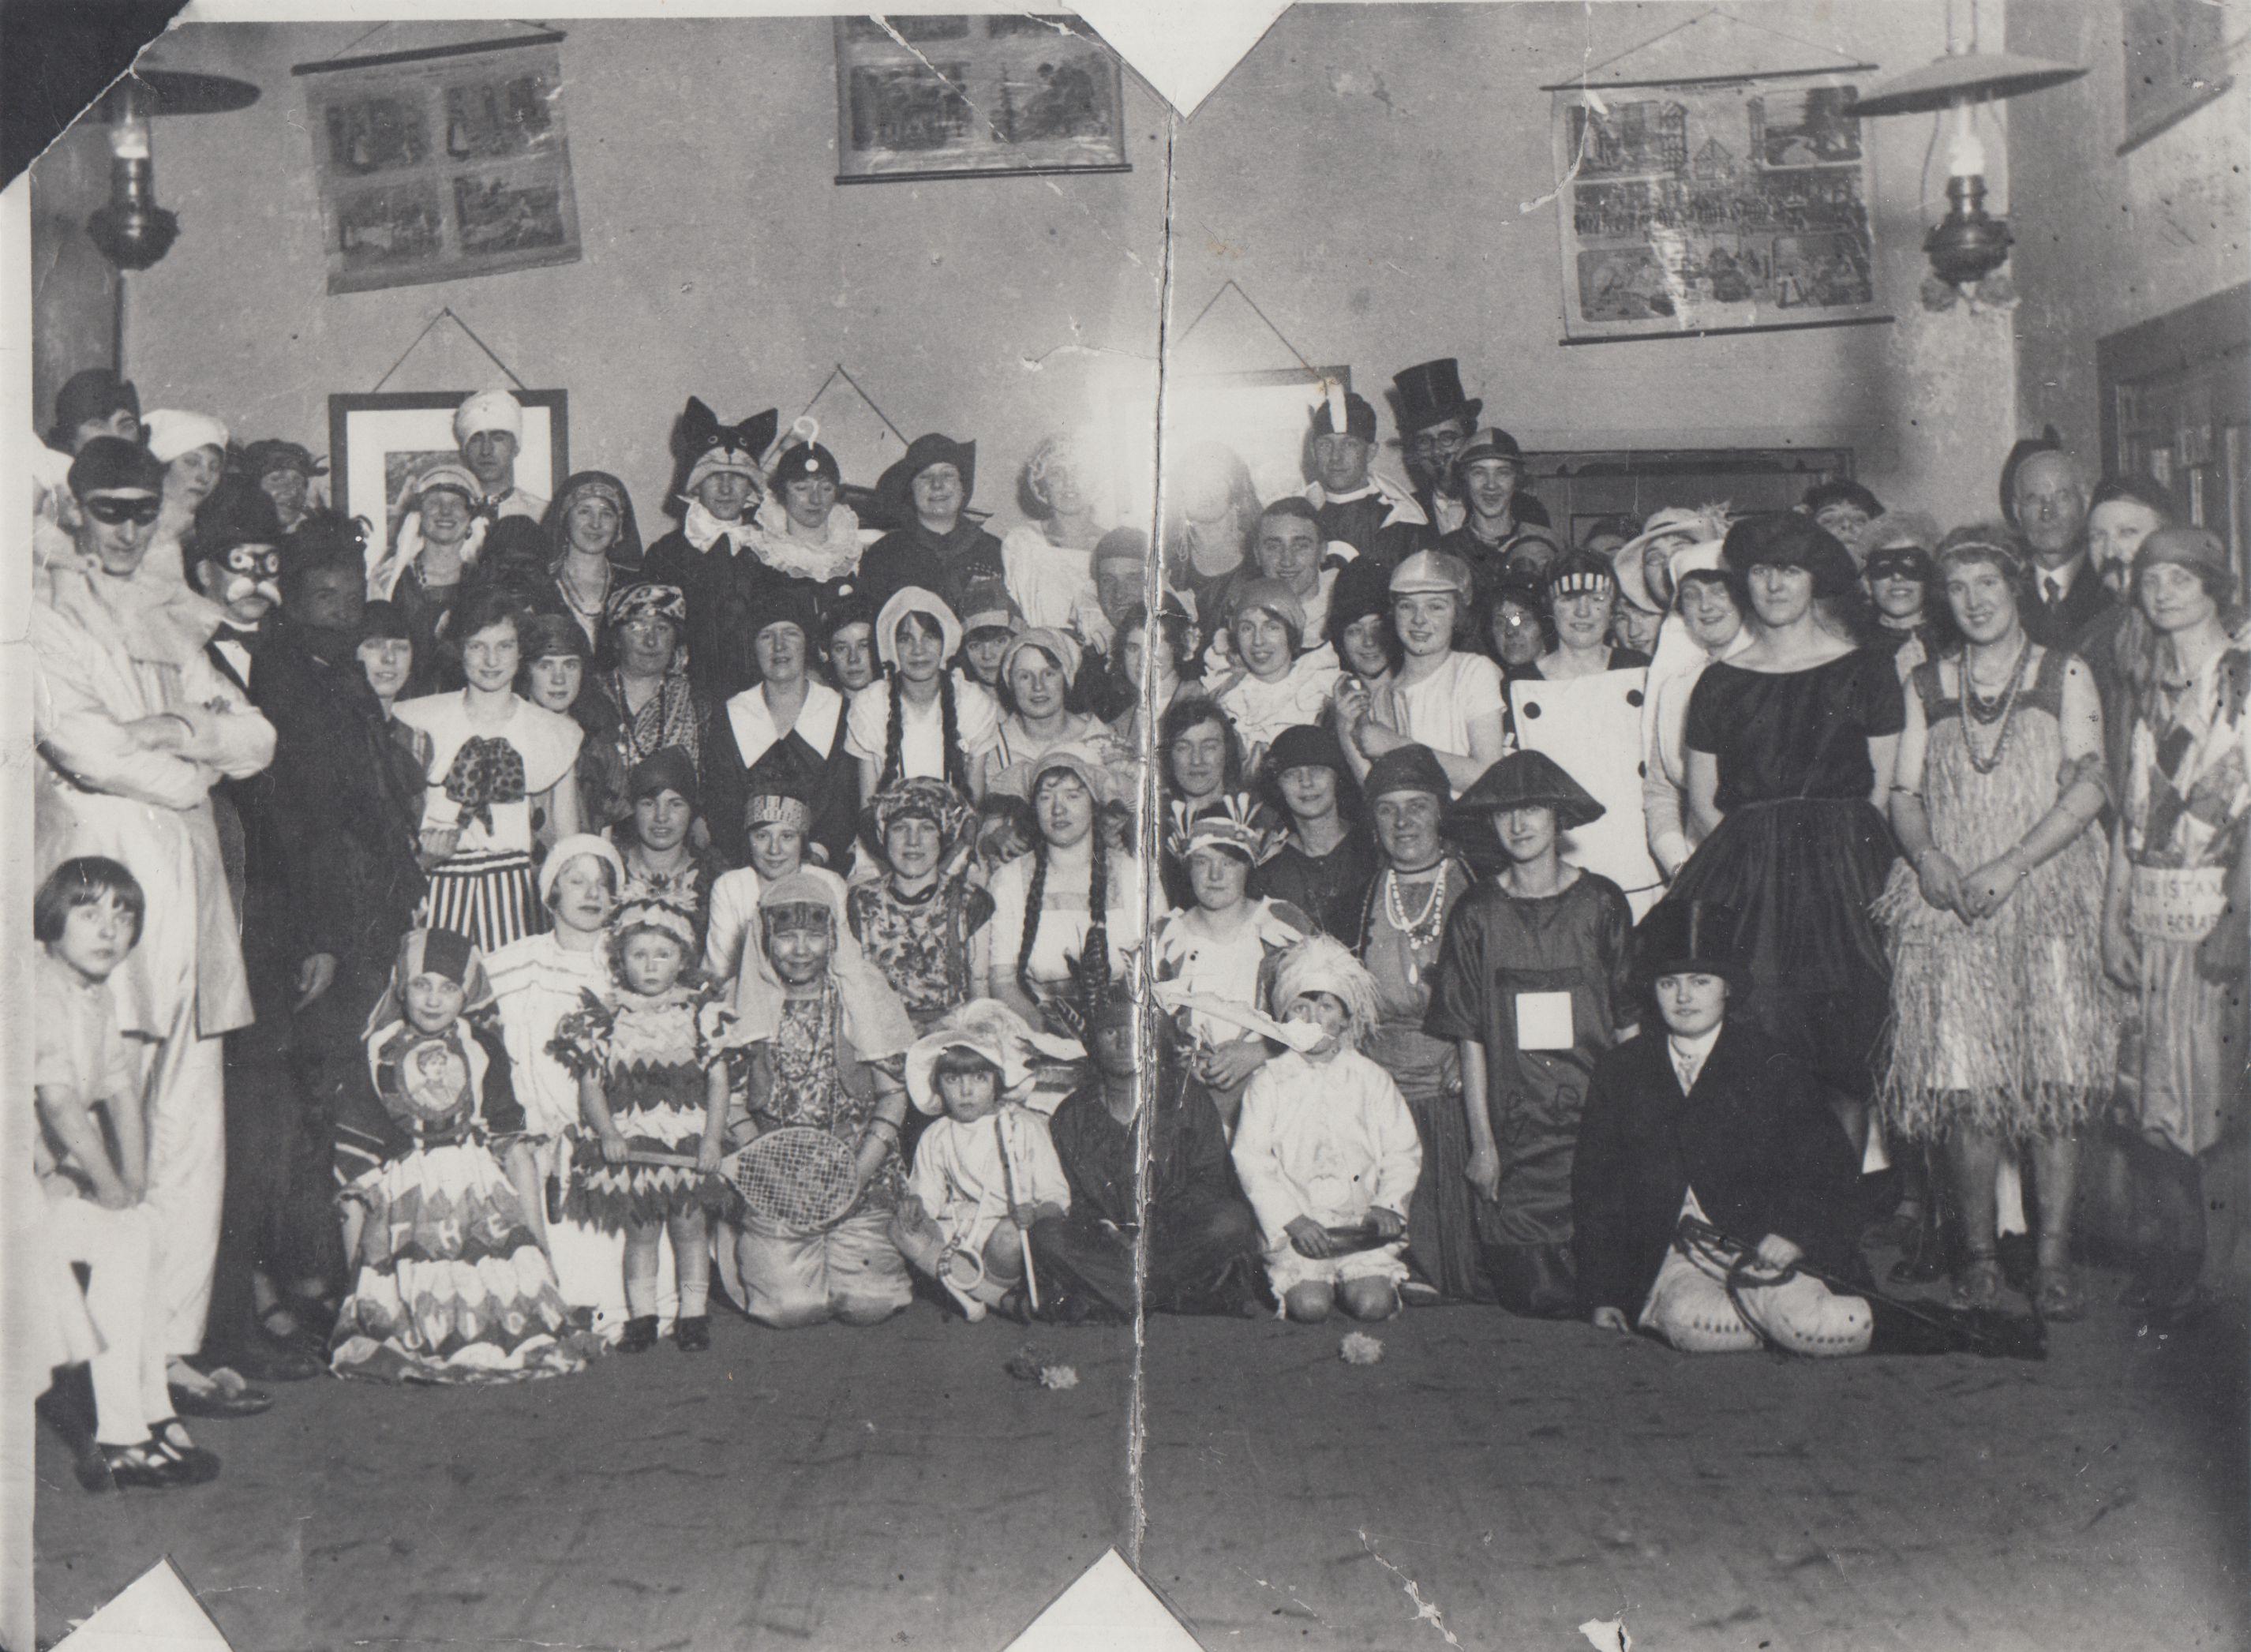 fancy_dress_school_1920s_0001.jpg